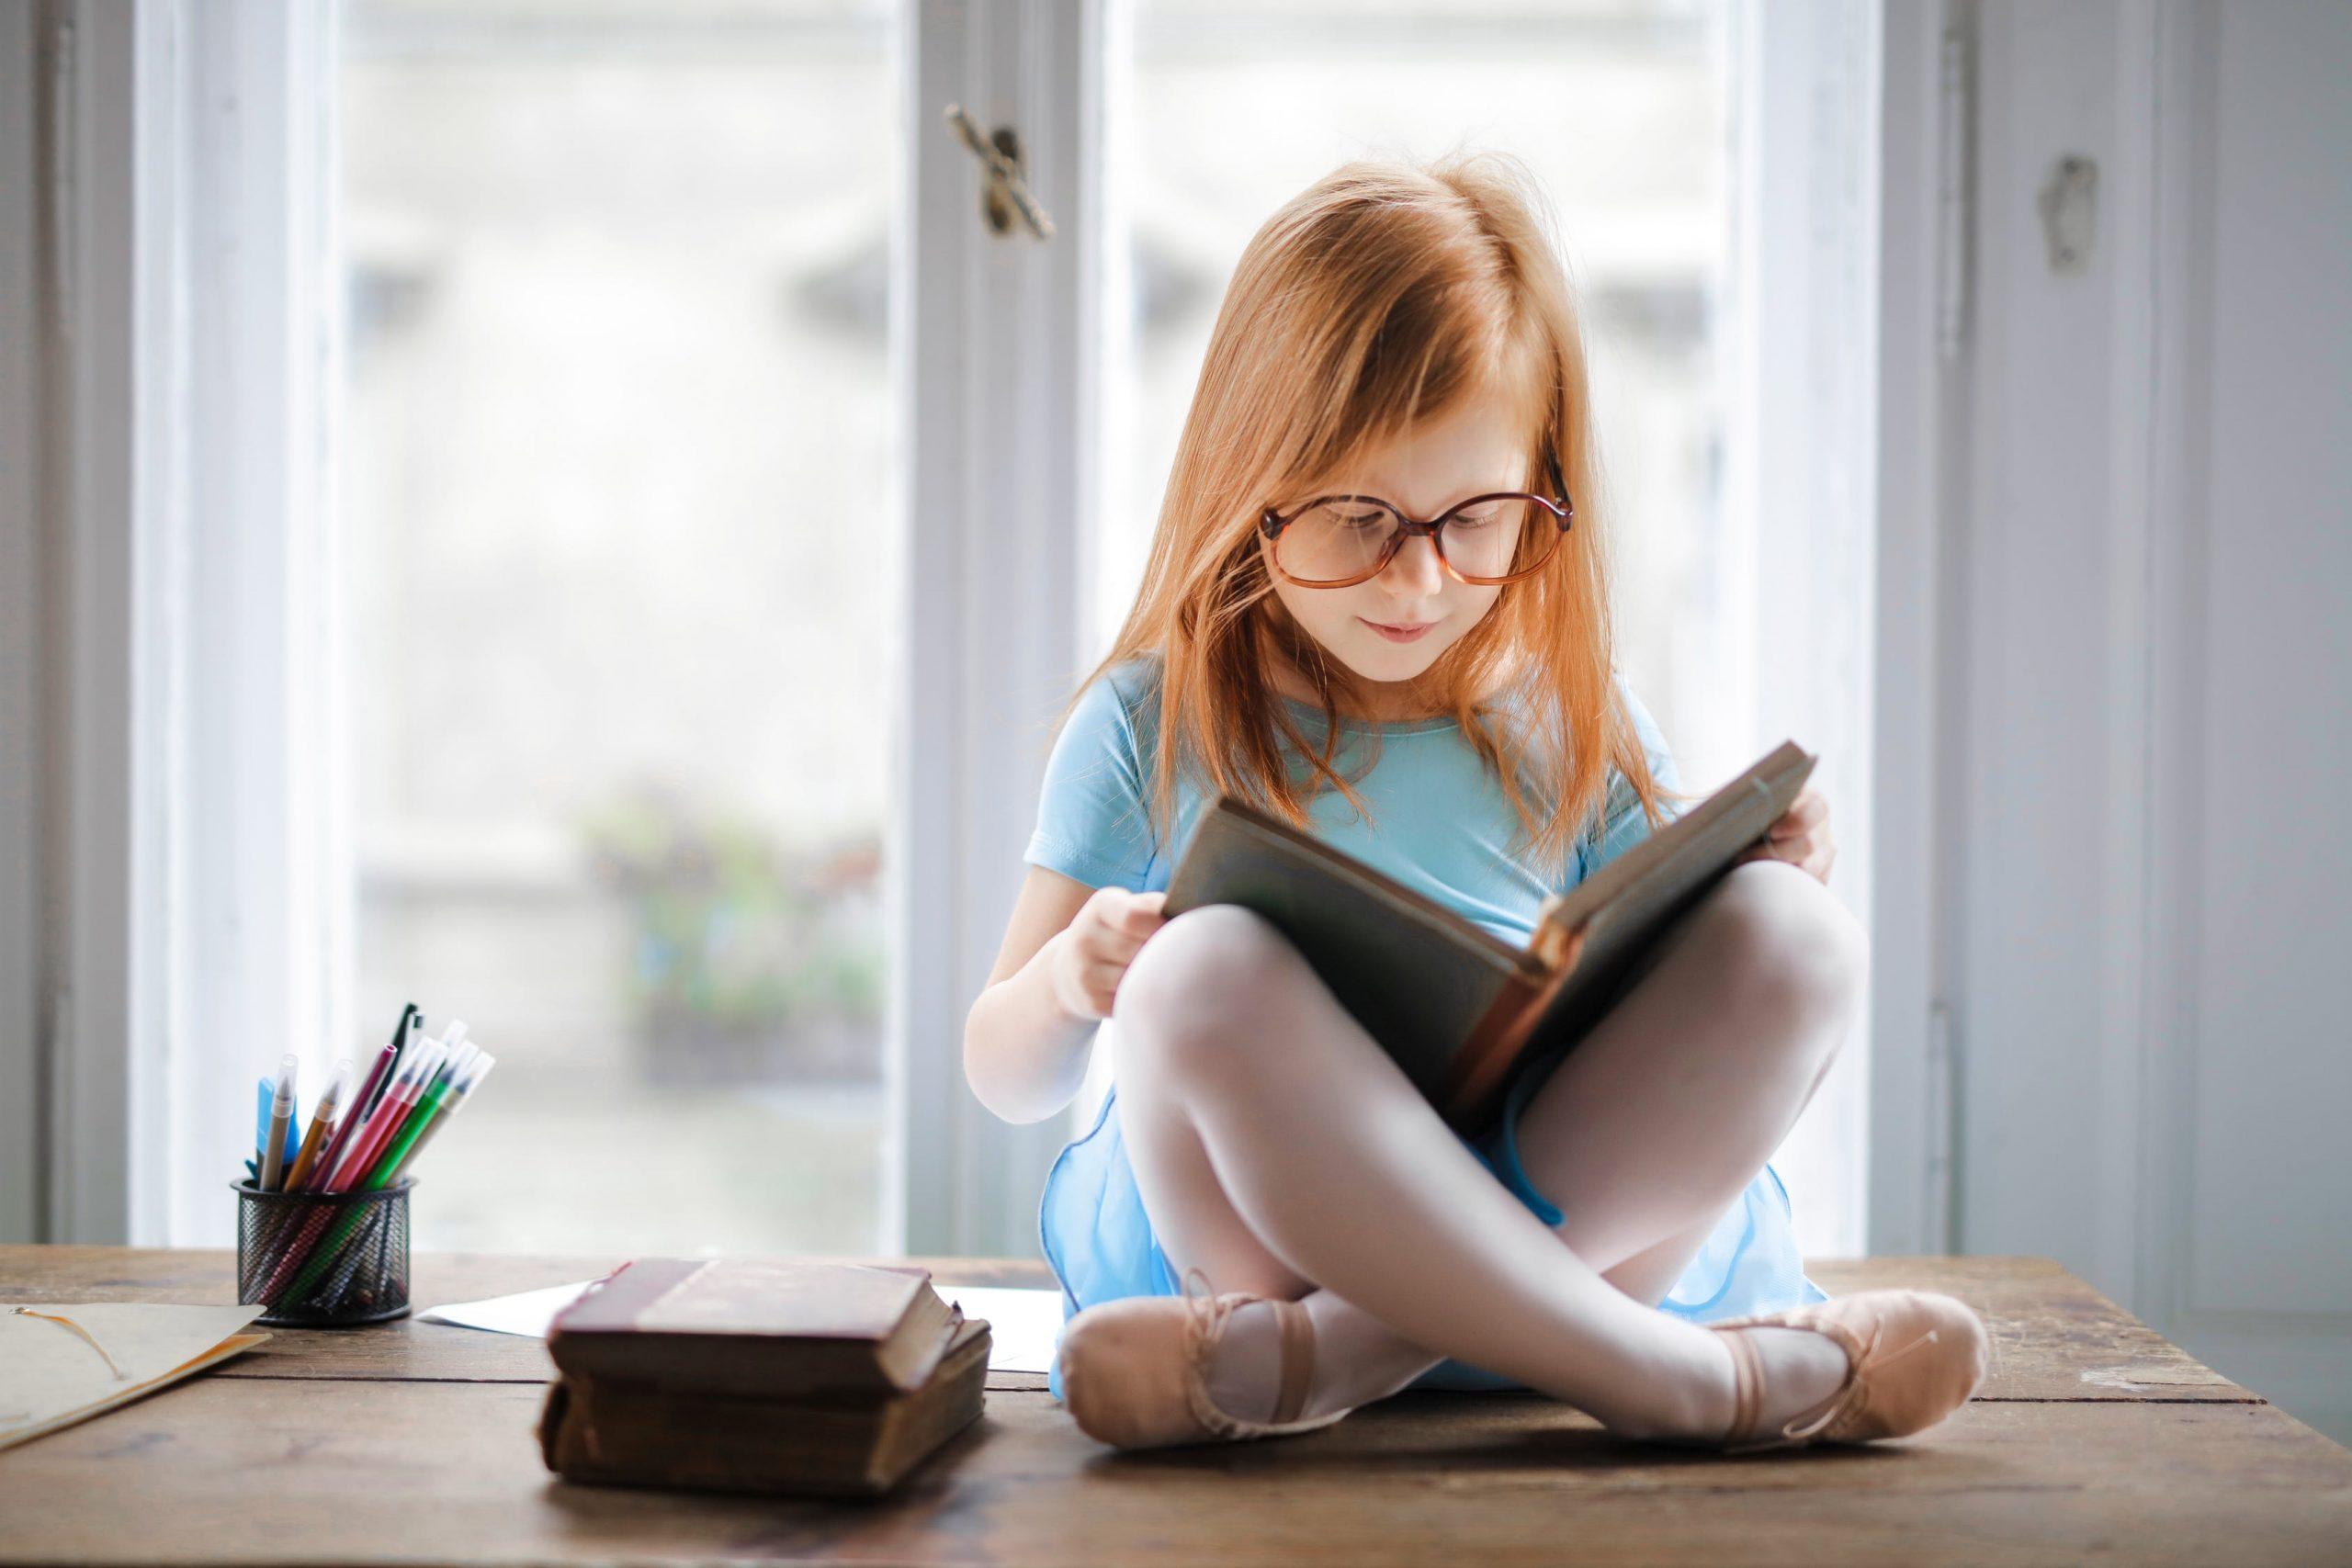 reading habits essay topics